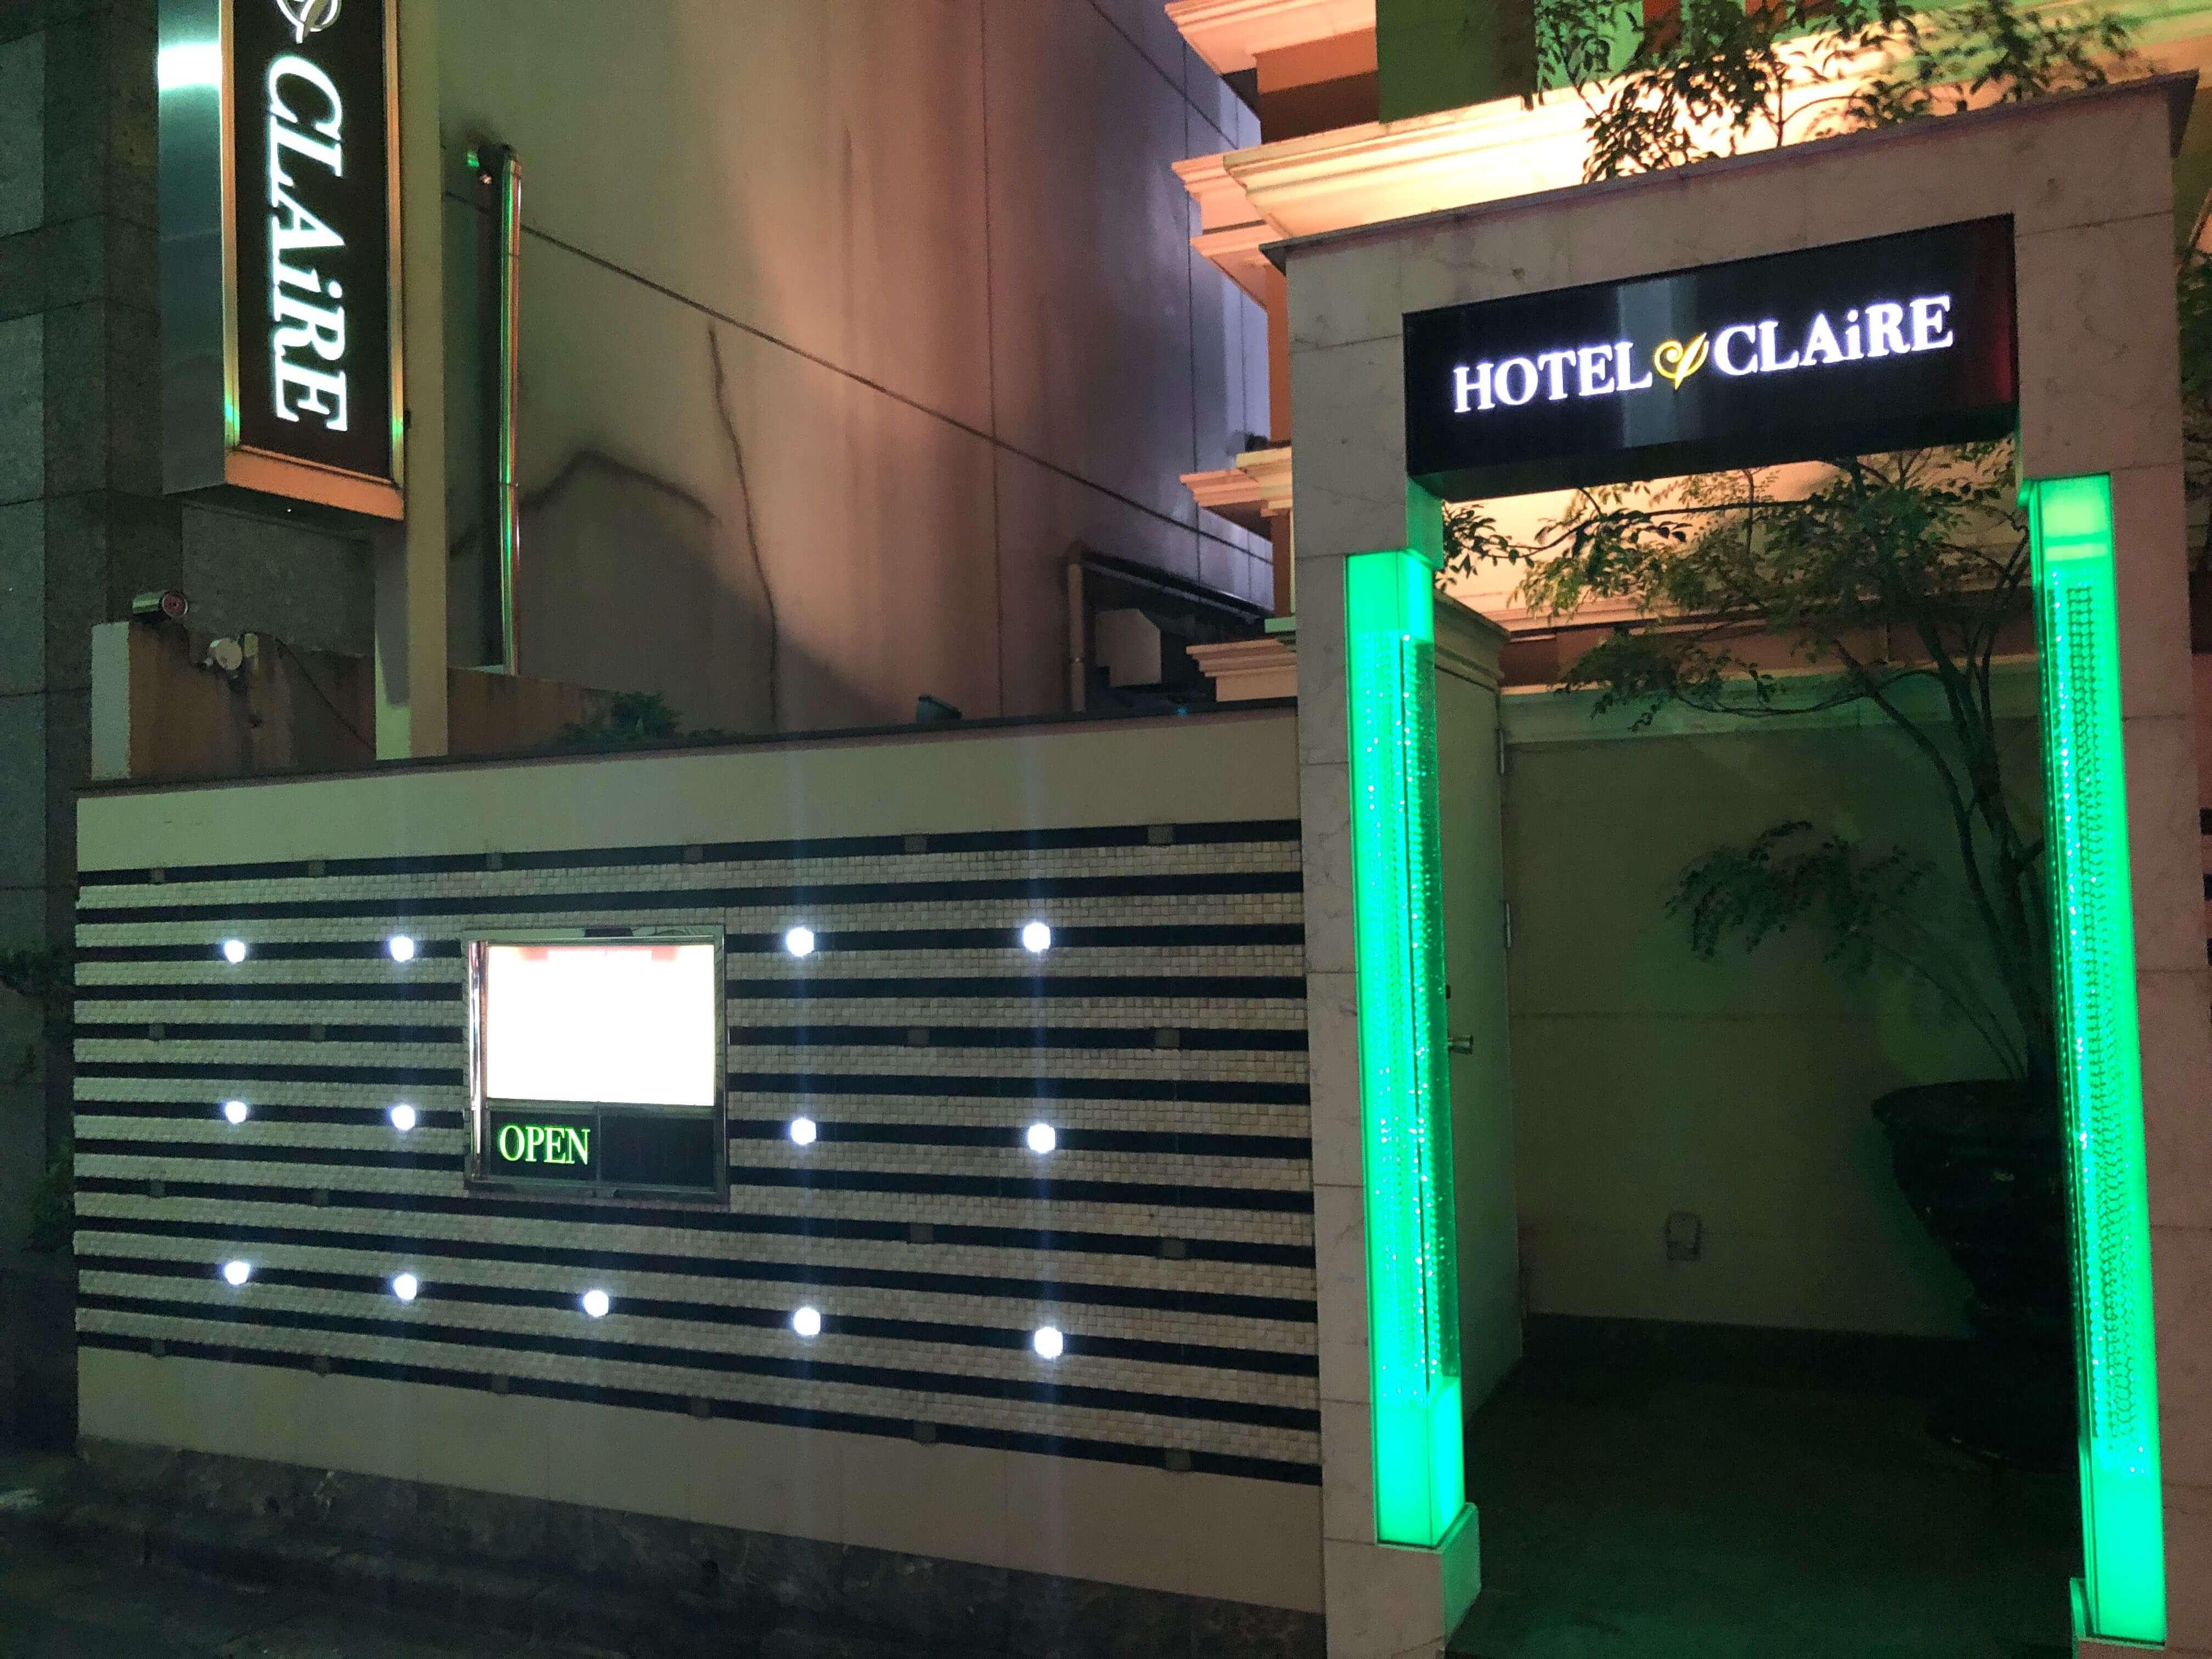 近く の ラブホ 価格 安い 休憩 横浜ラブホ・ラブホテル - 料金案内 HOTEL